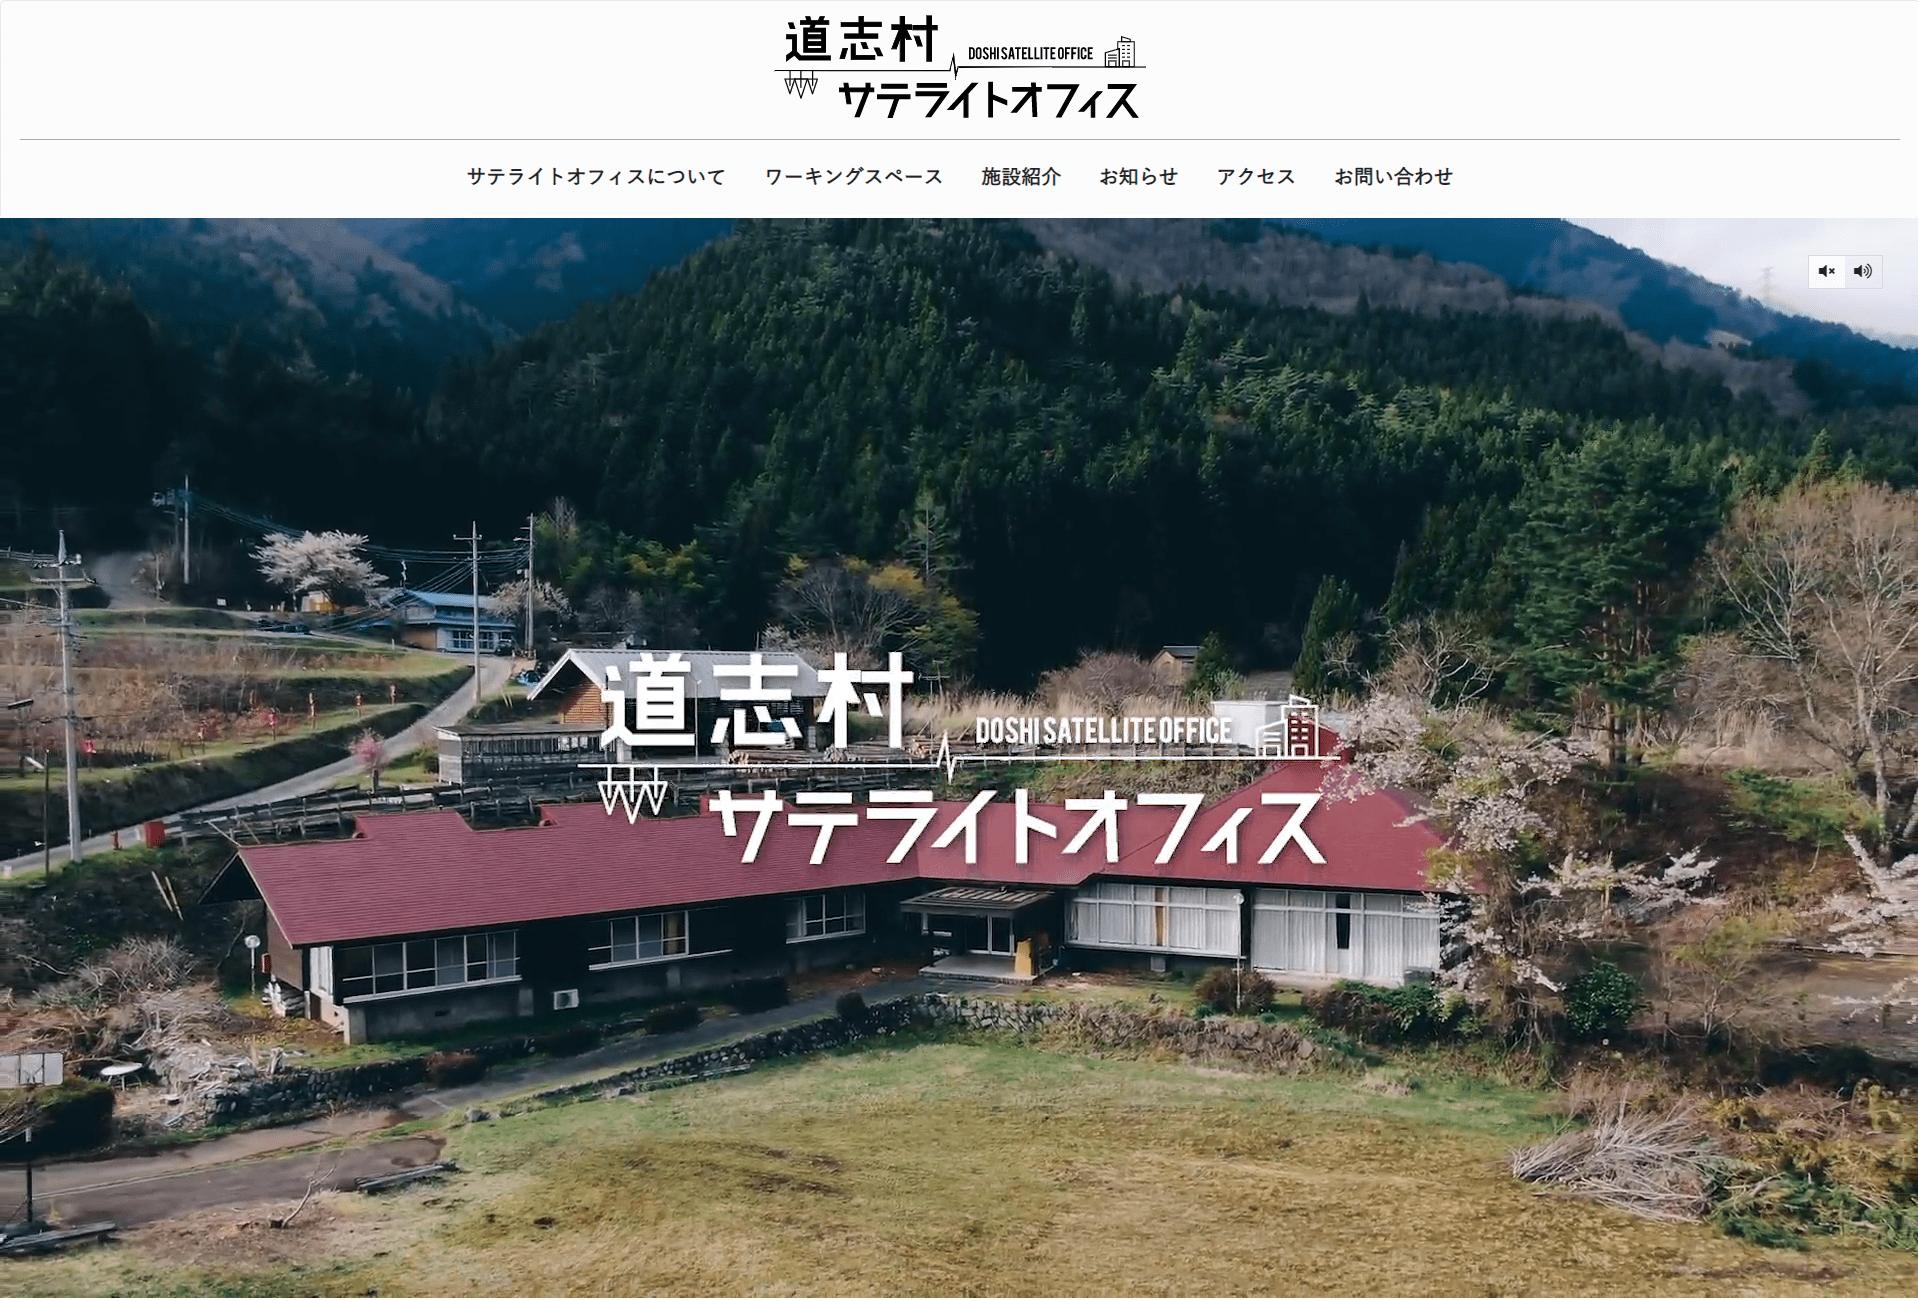 道志村サテライトオフィス